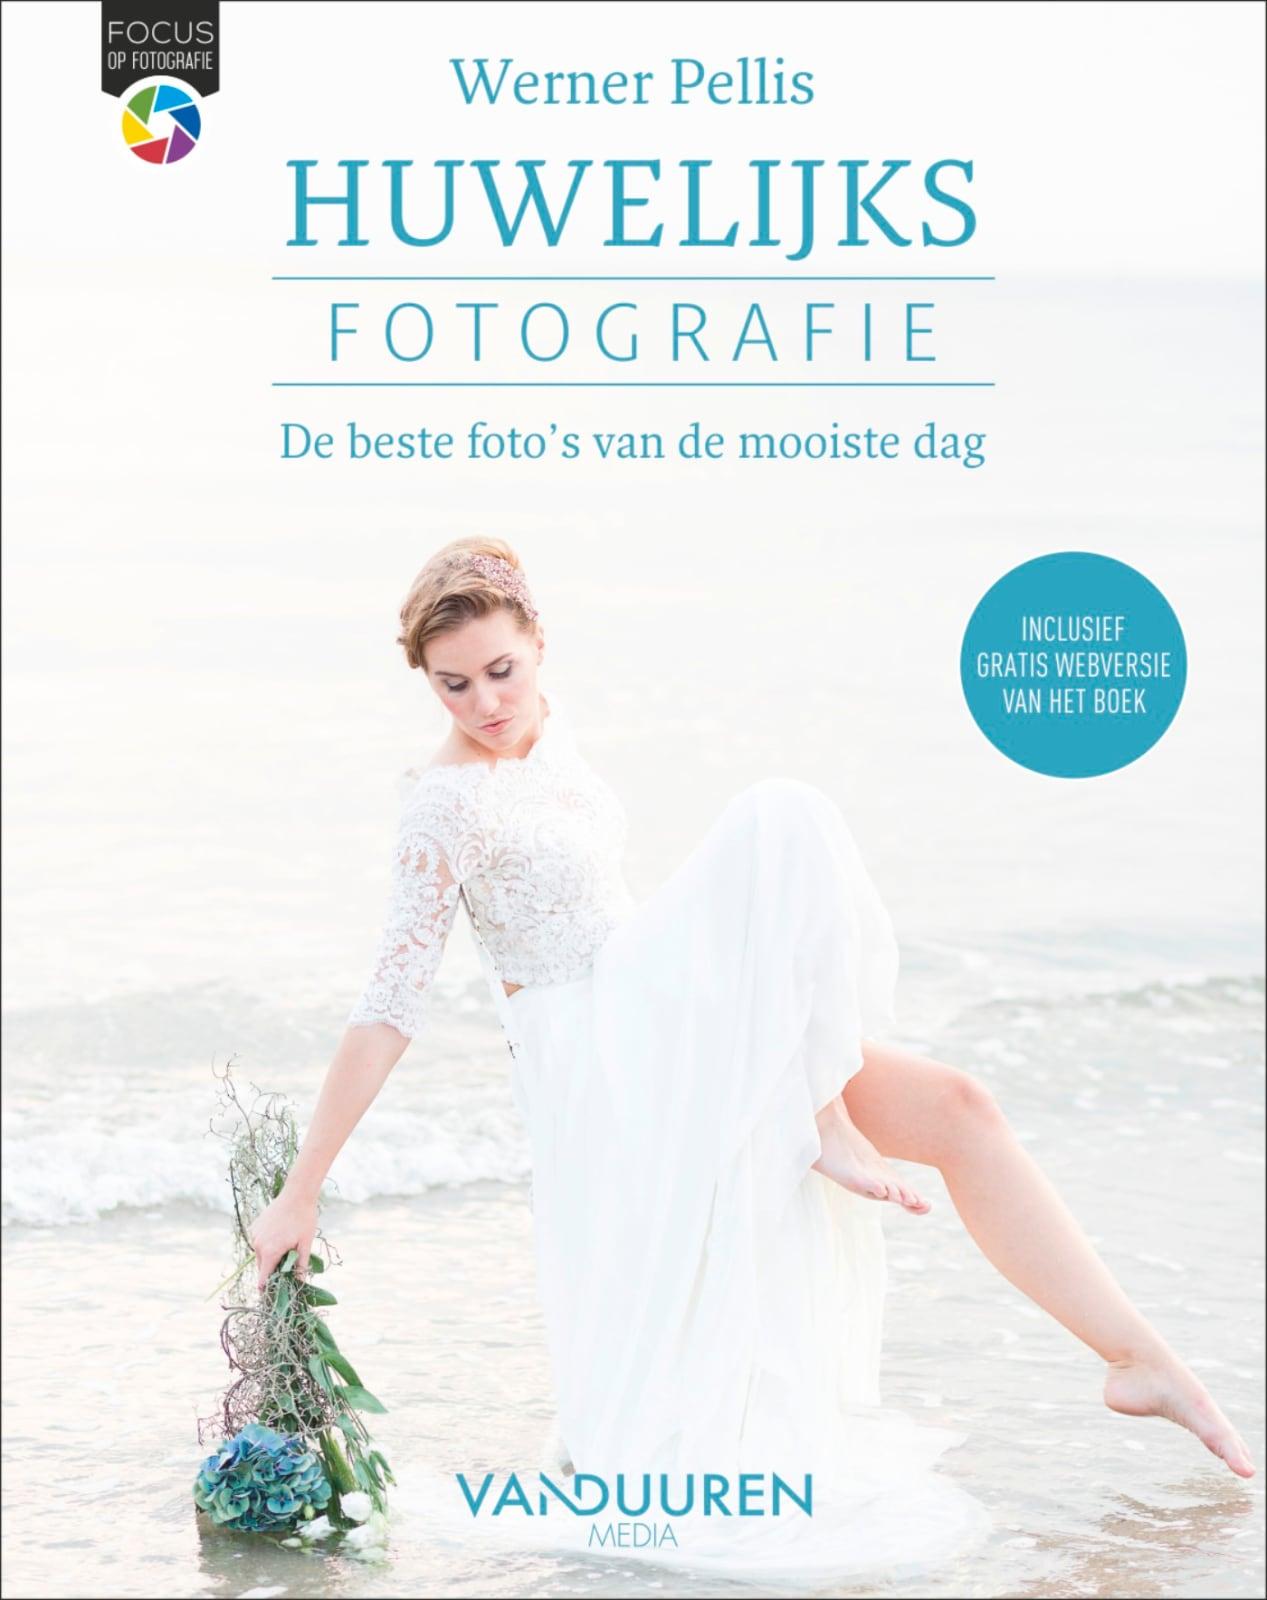 Fotoboek: Focus op Fotografie: Huwelijksfotografie - door Werner Pellis, isbn 9789463561914